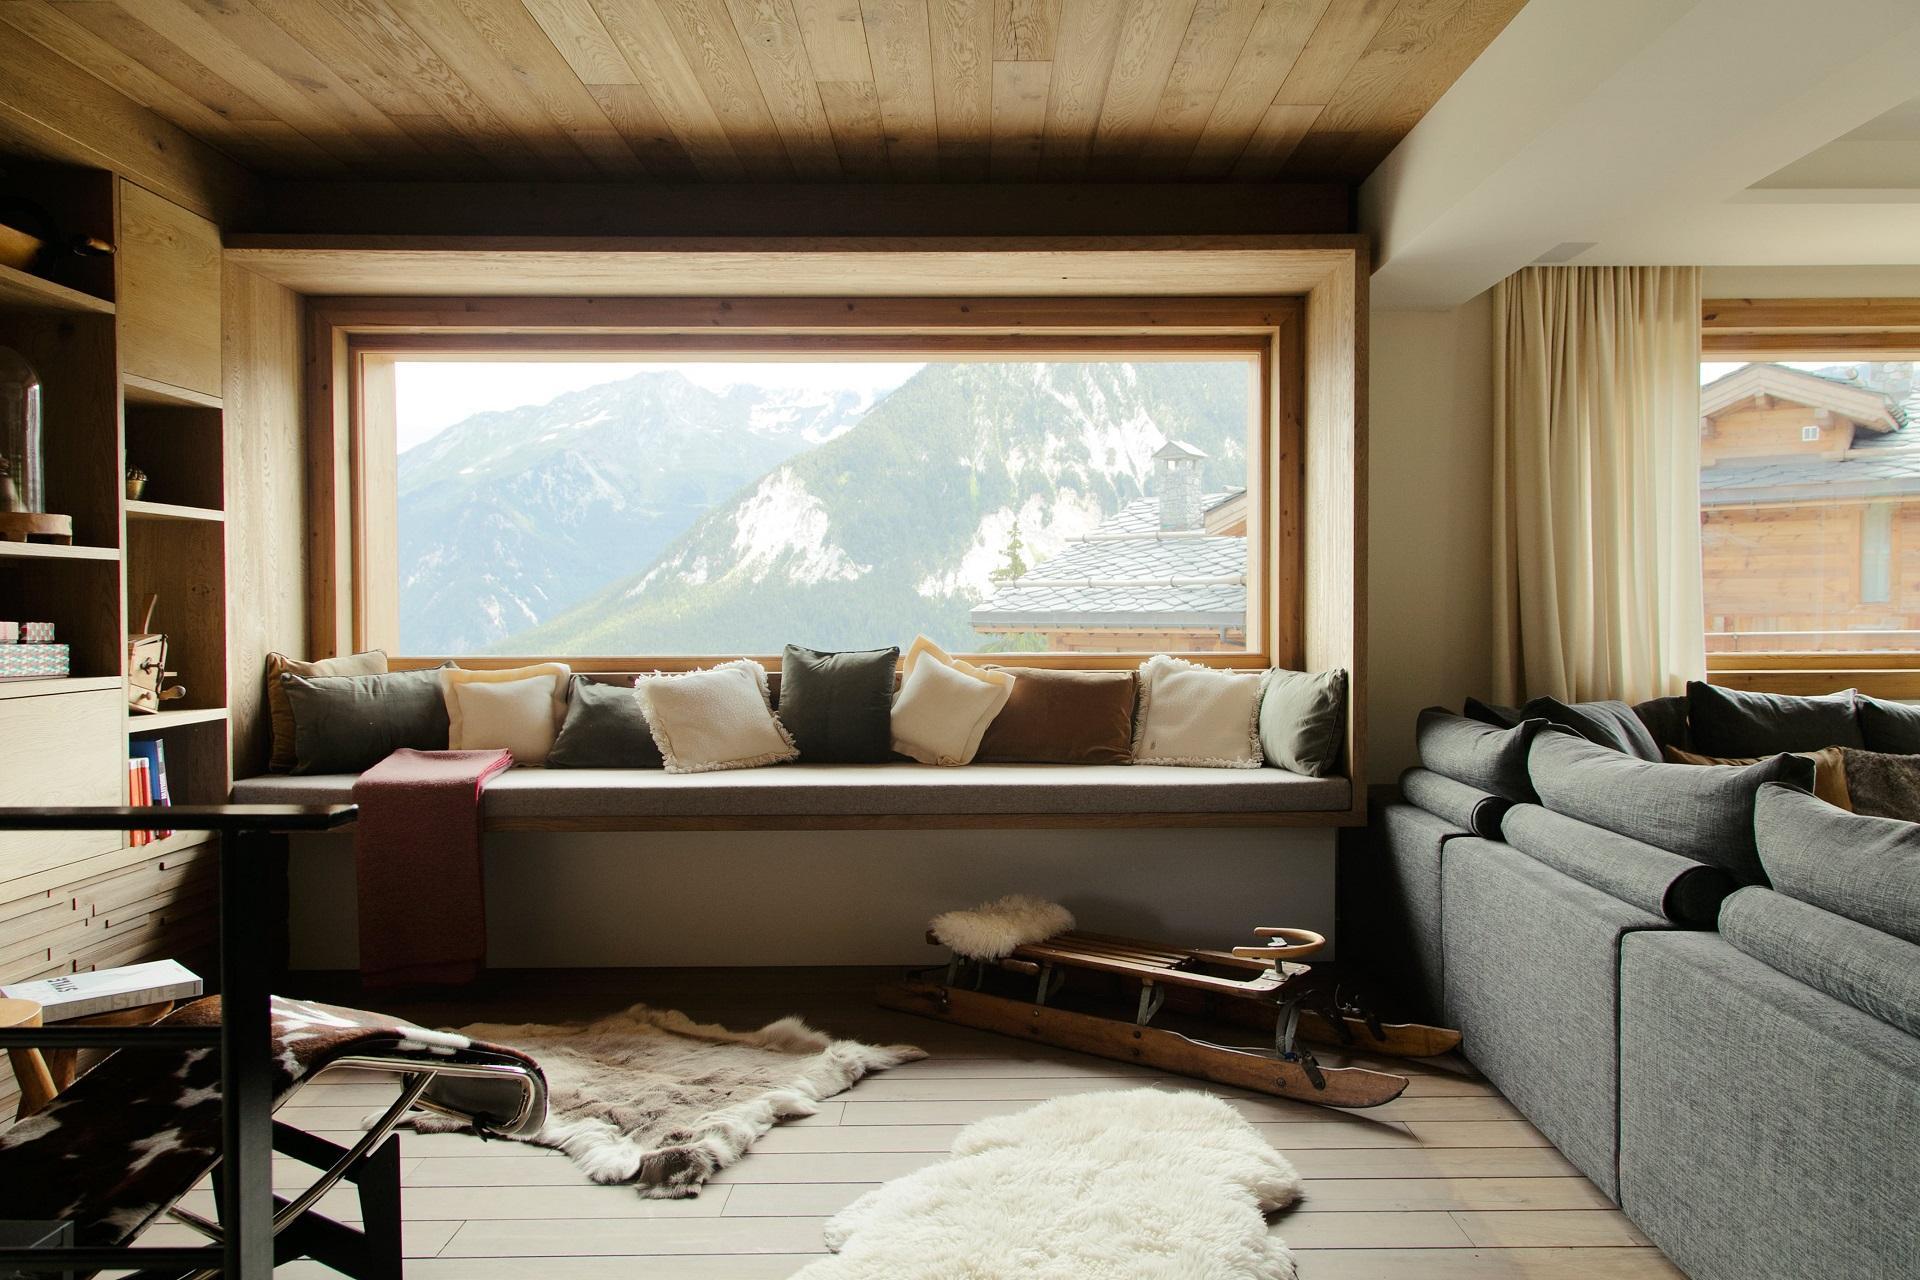 le-1550-iconic-house-courchevel-chalet-wellness-neige-montagne-seminaires-de-caractere